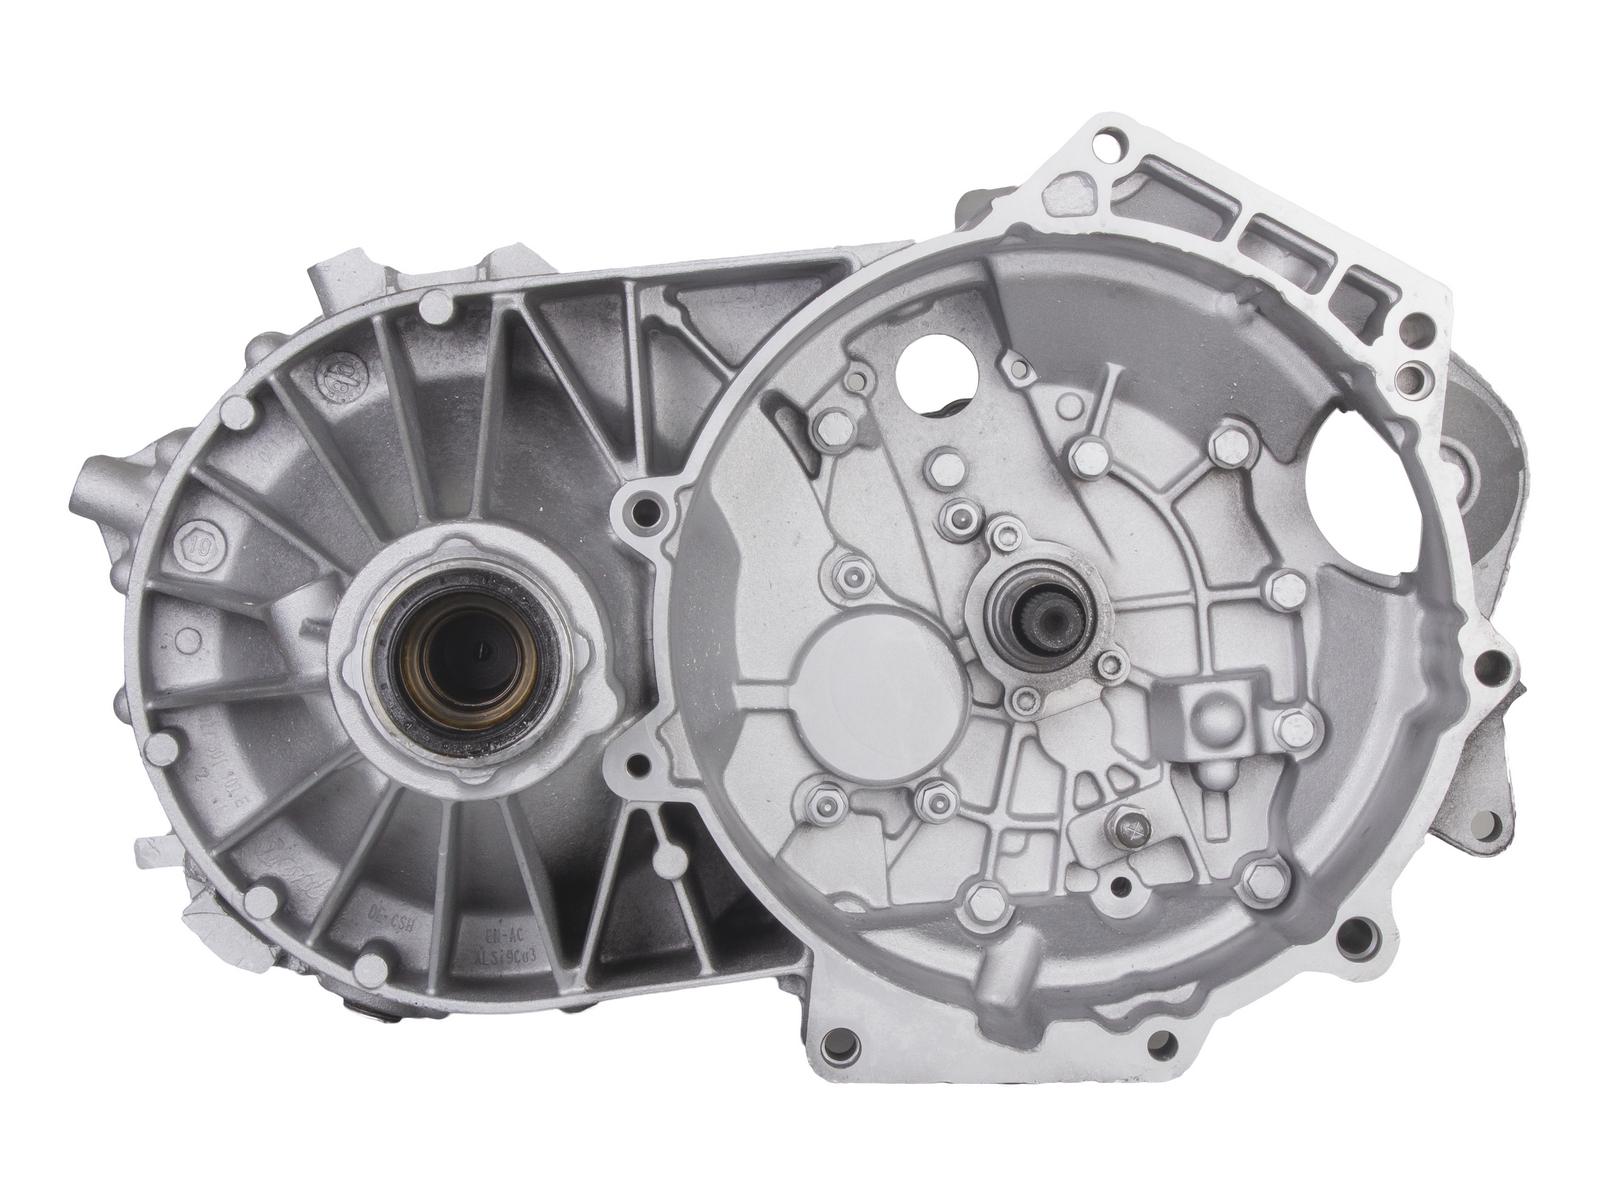 Skrzynia VW T5 manualna JQT